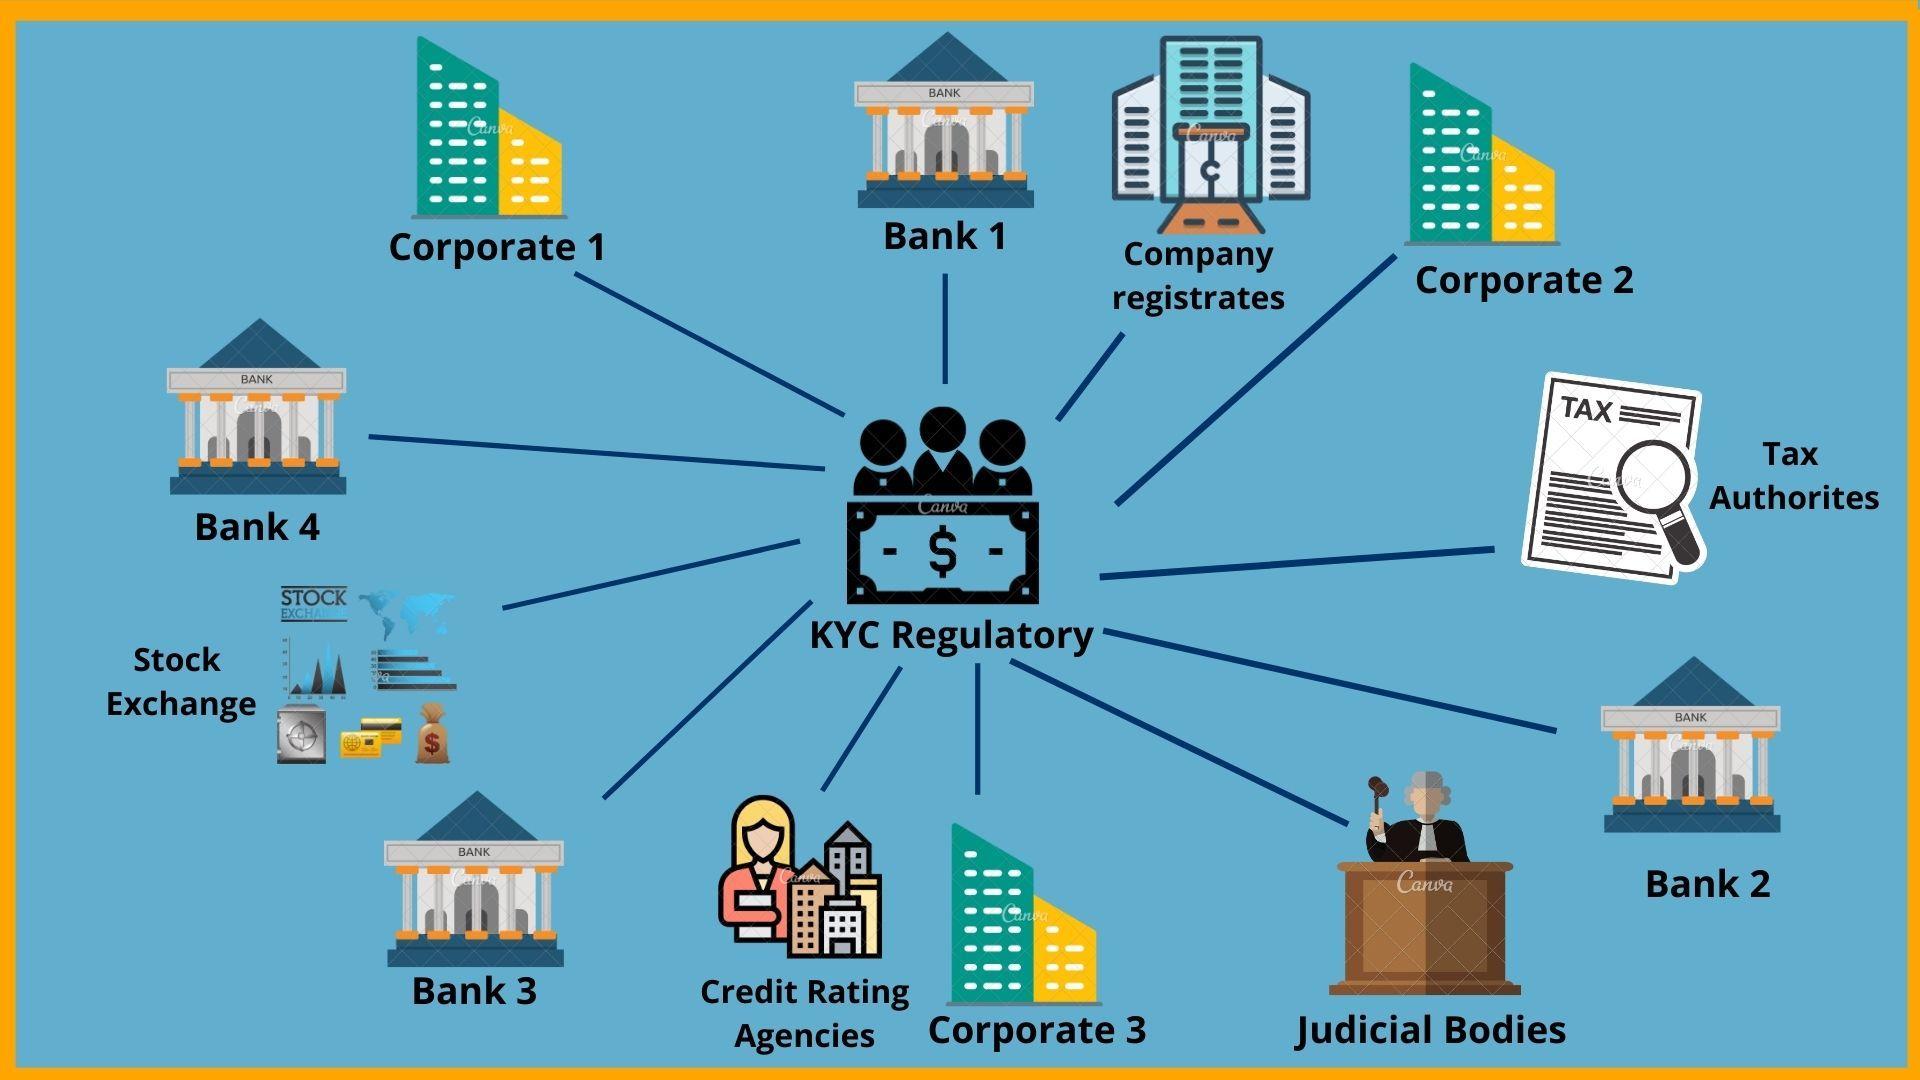 KYC Regulatory